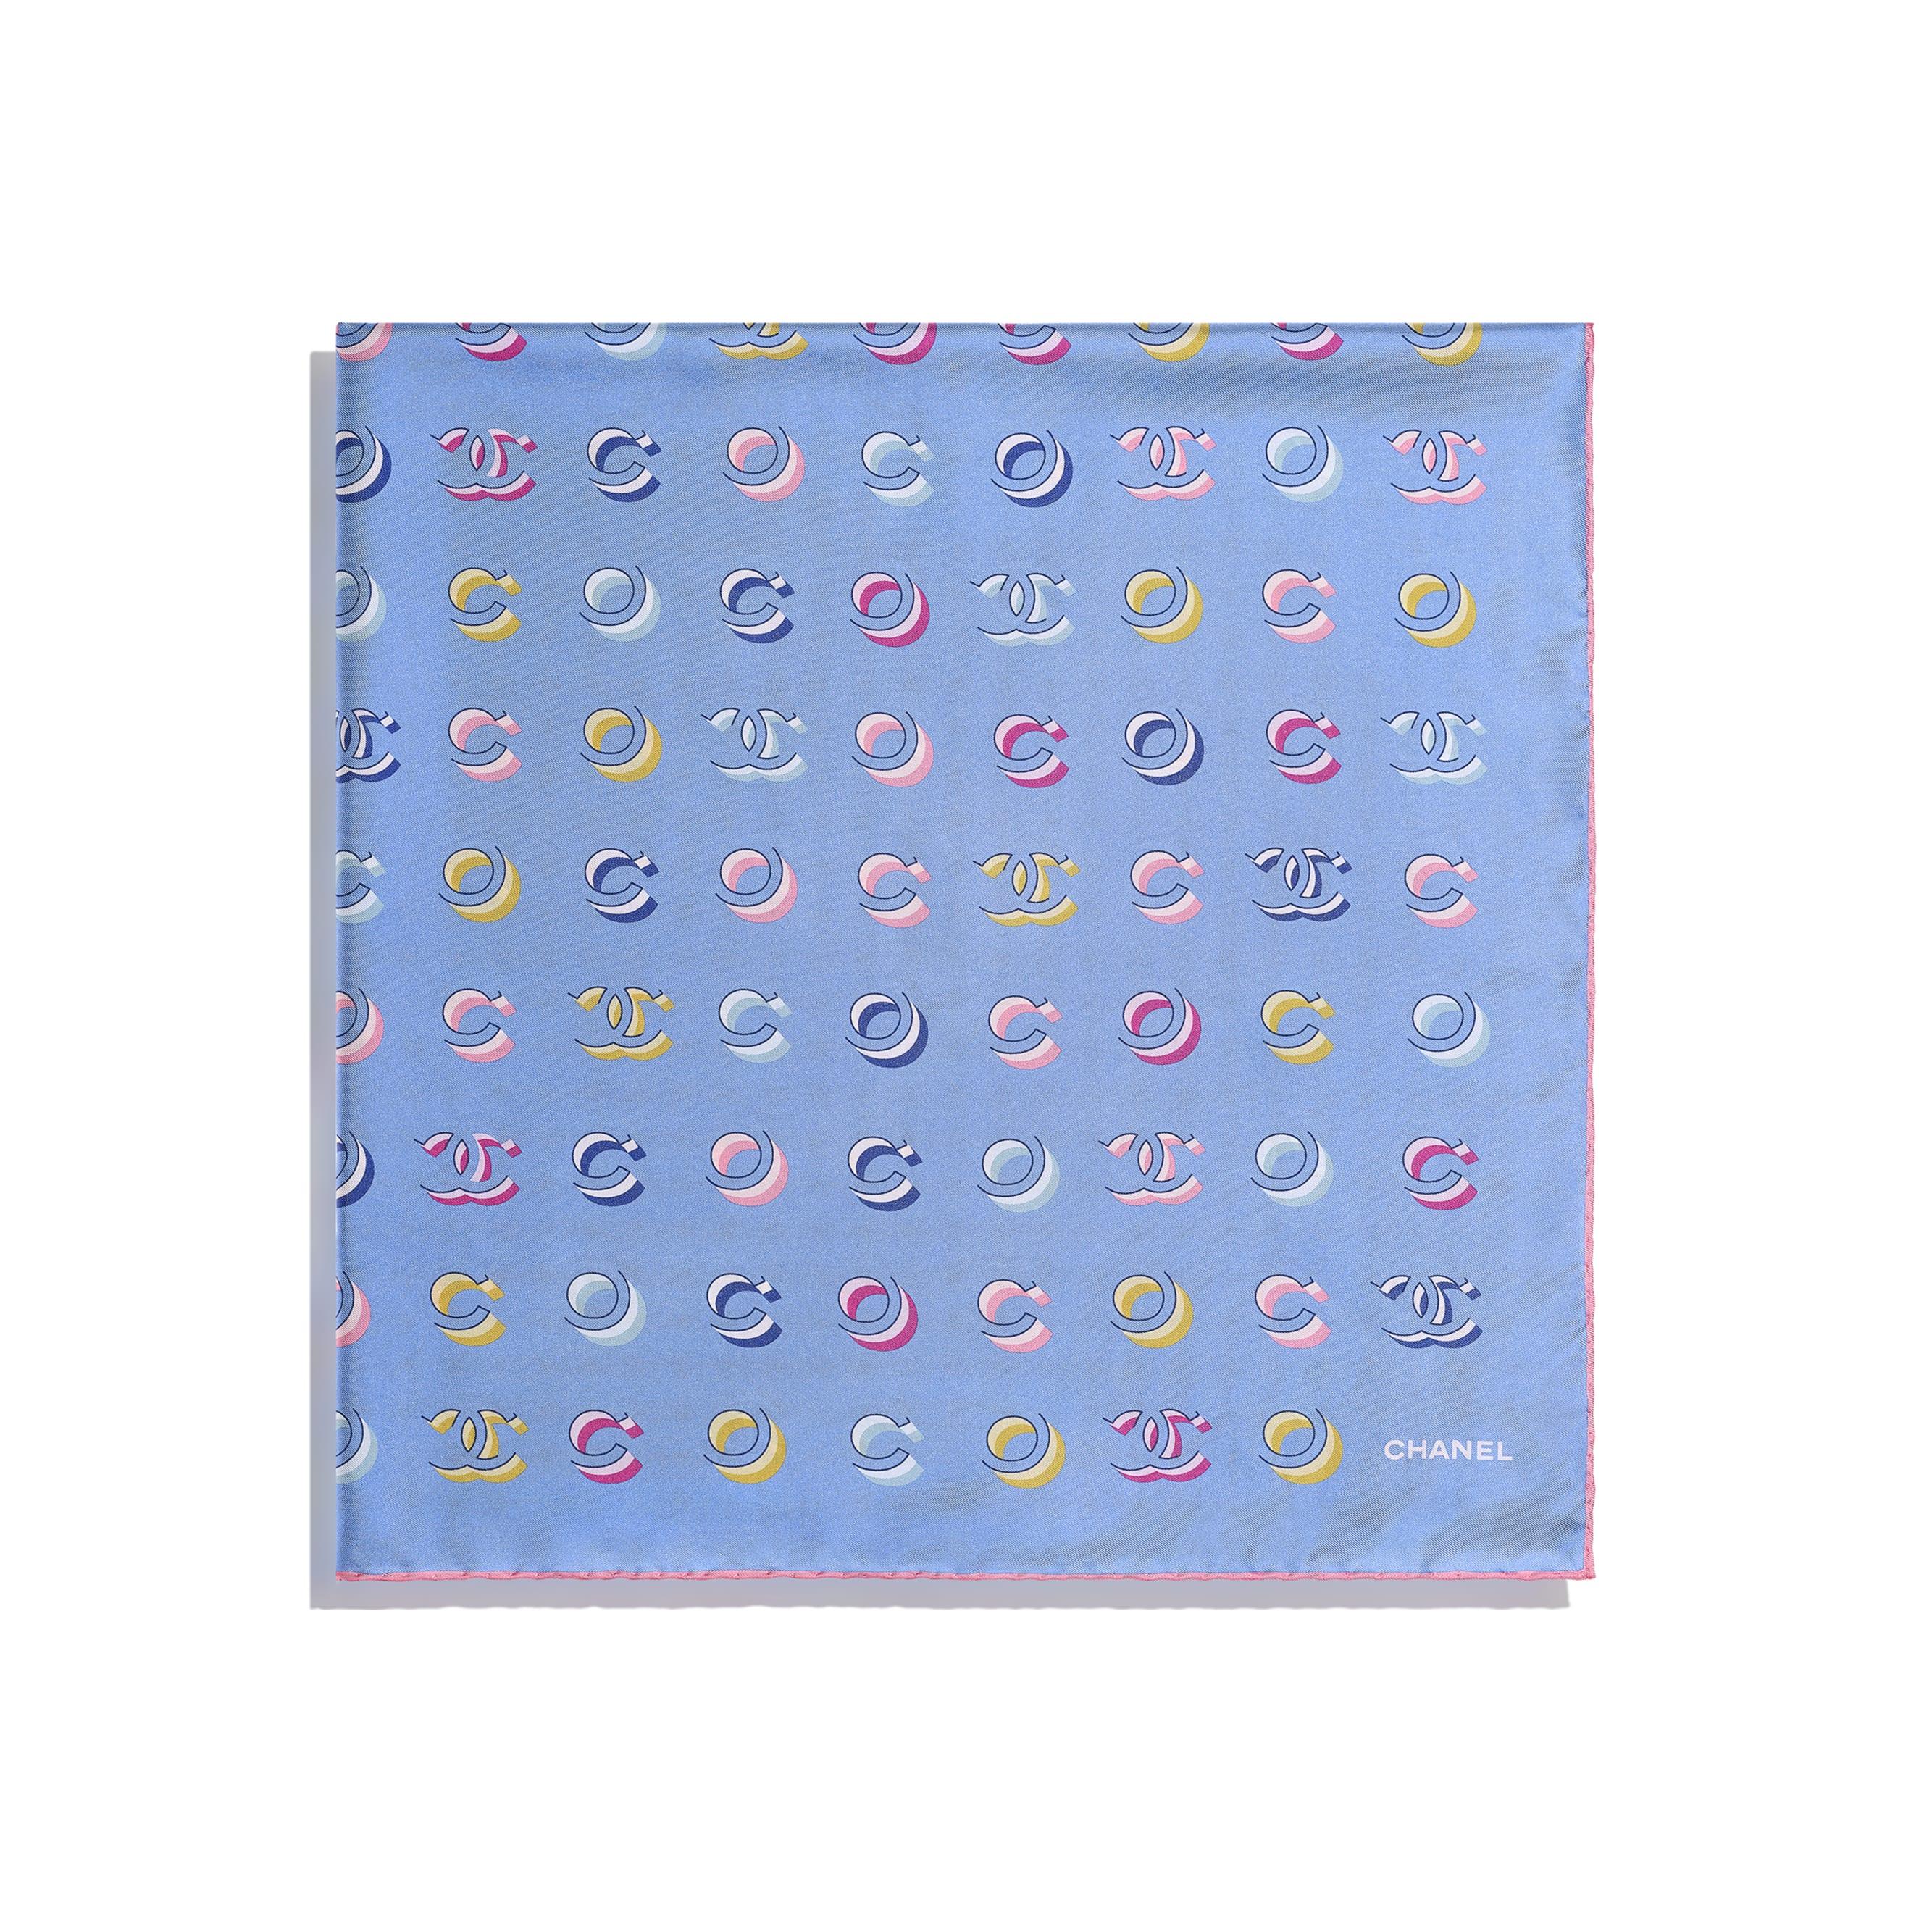 Foulard - Rosa pallido & blu - Twill di seta - CHANEL - Immagine diversa - vedere versione standard